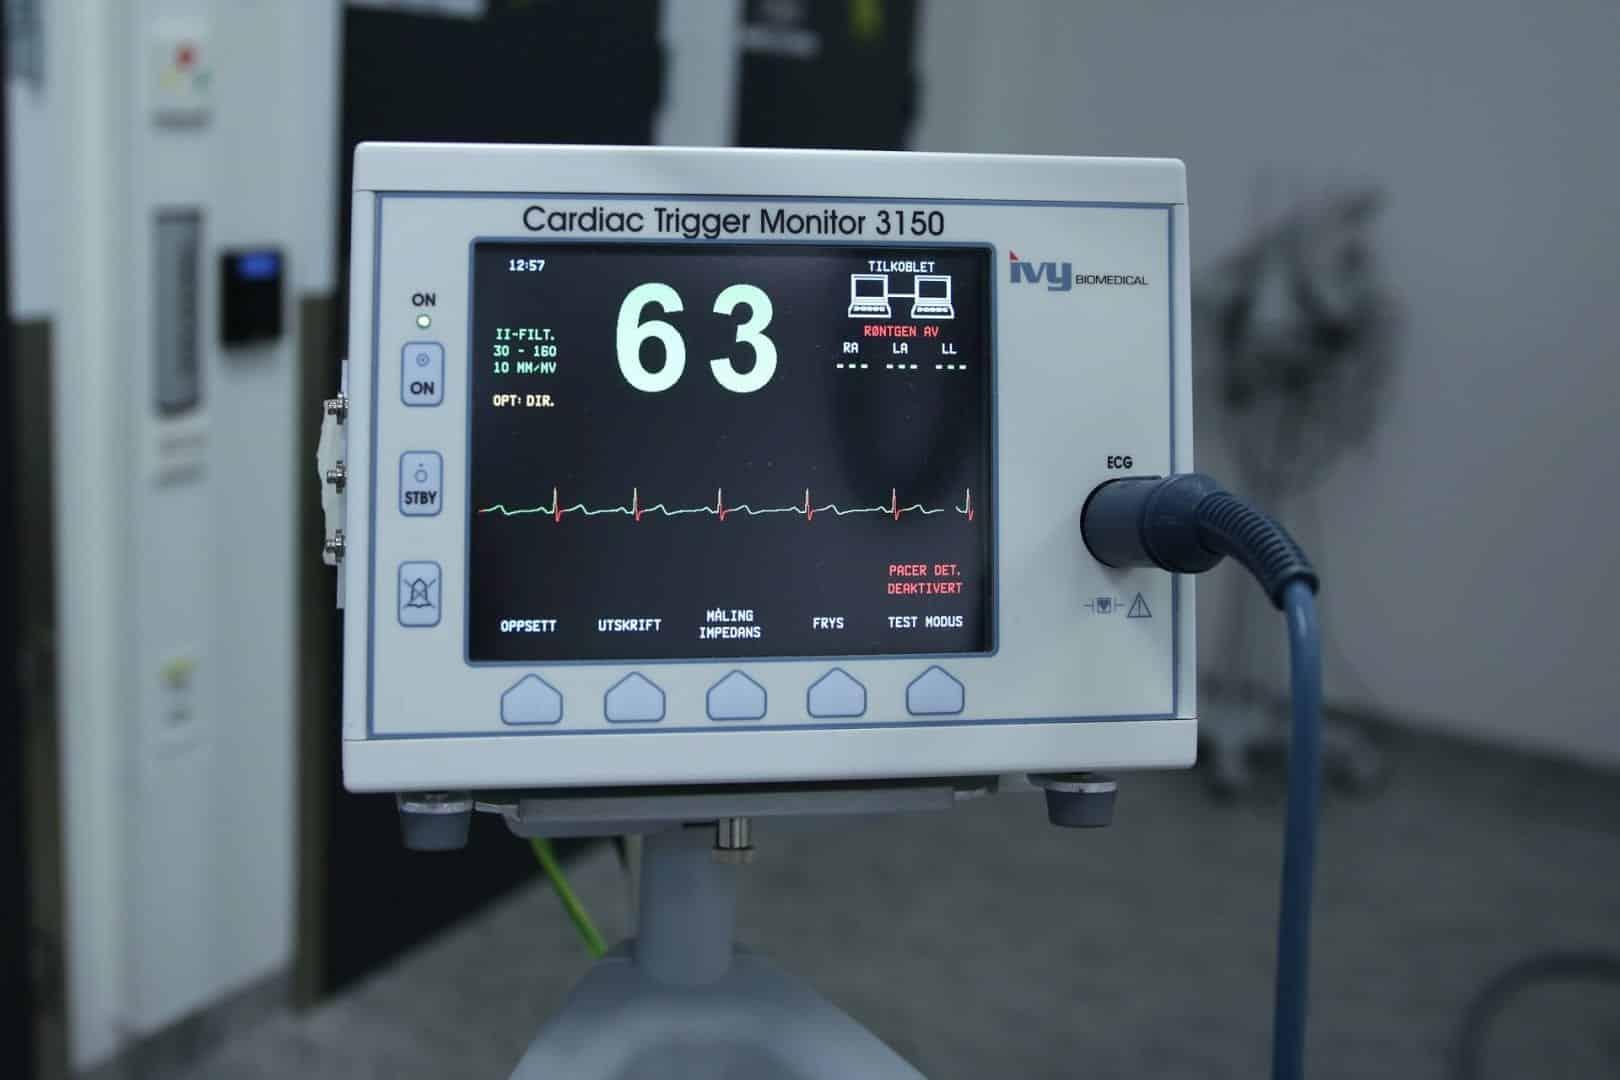 Cardiologista: Quando consultar?